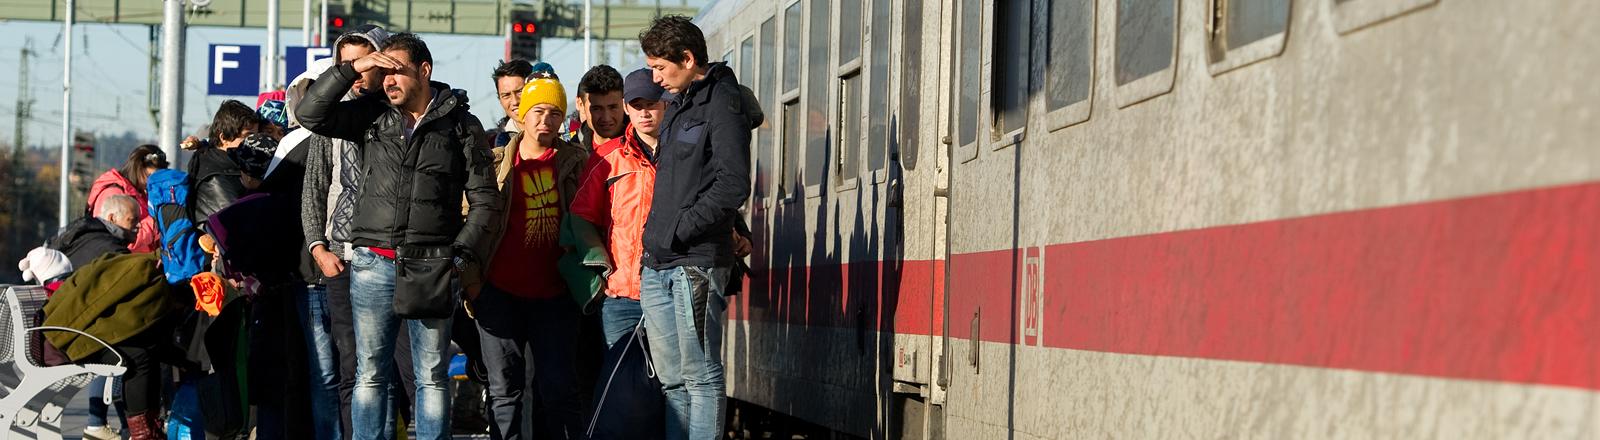 Flüchtlinge an einem Bahnsteig in Passau. dpa